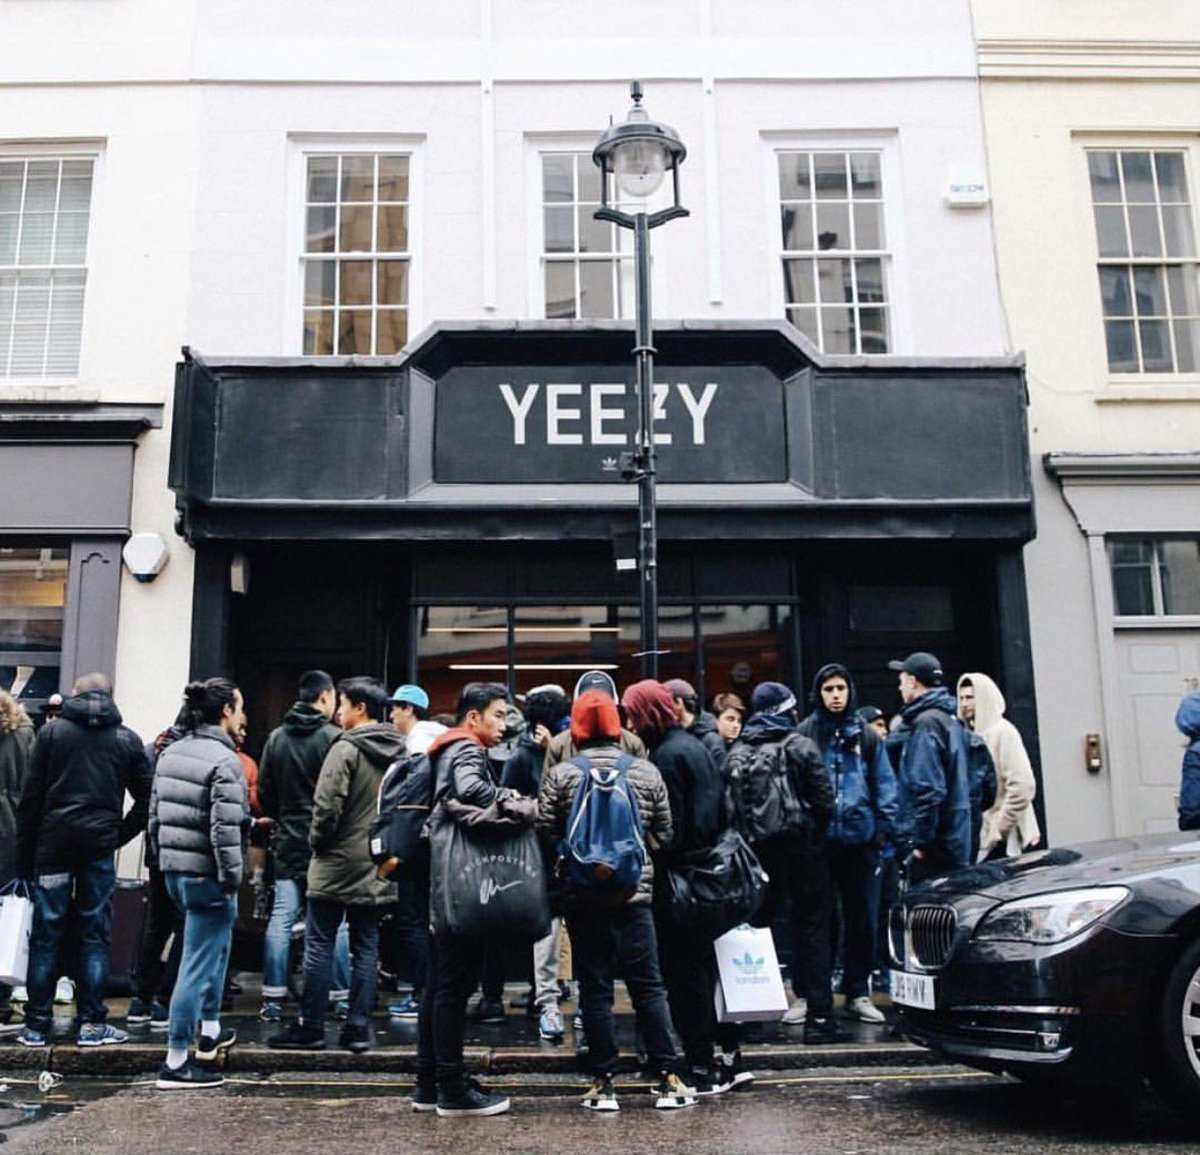 yeezy store